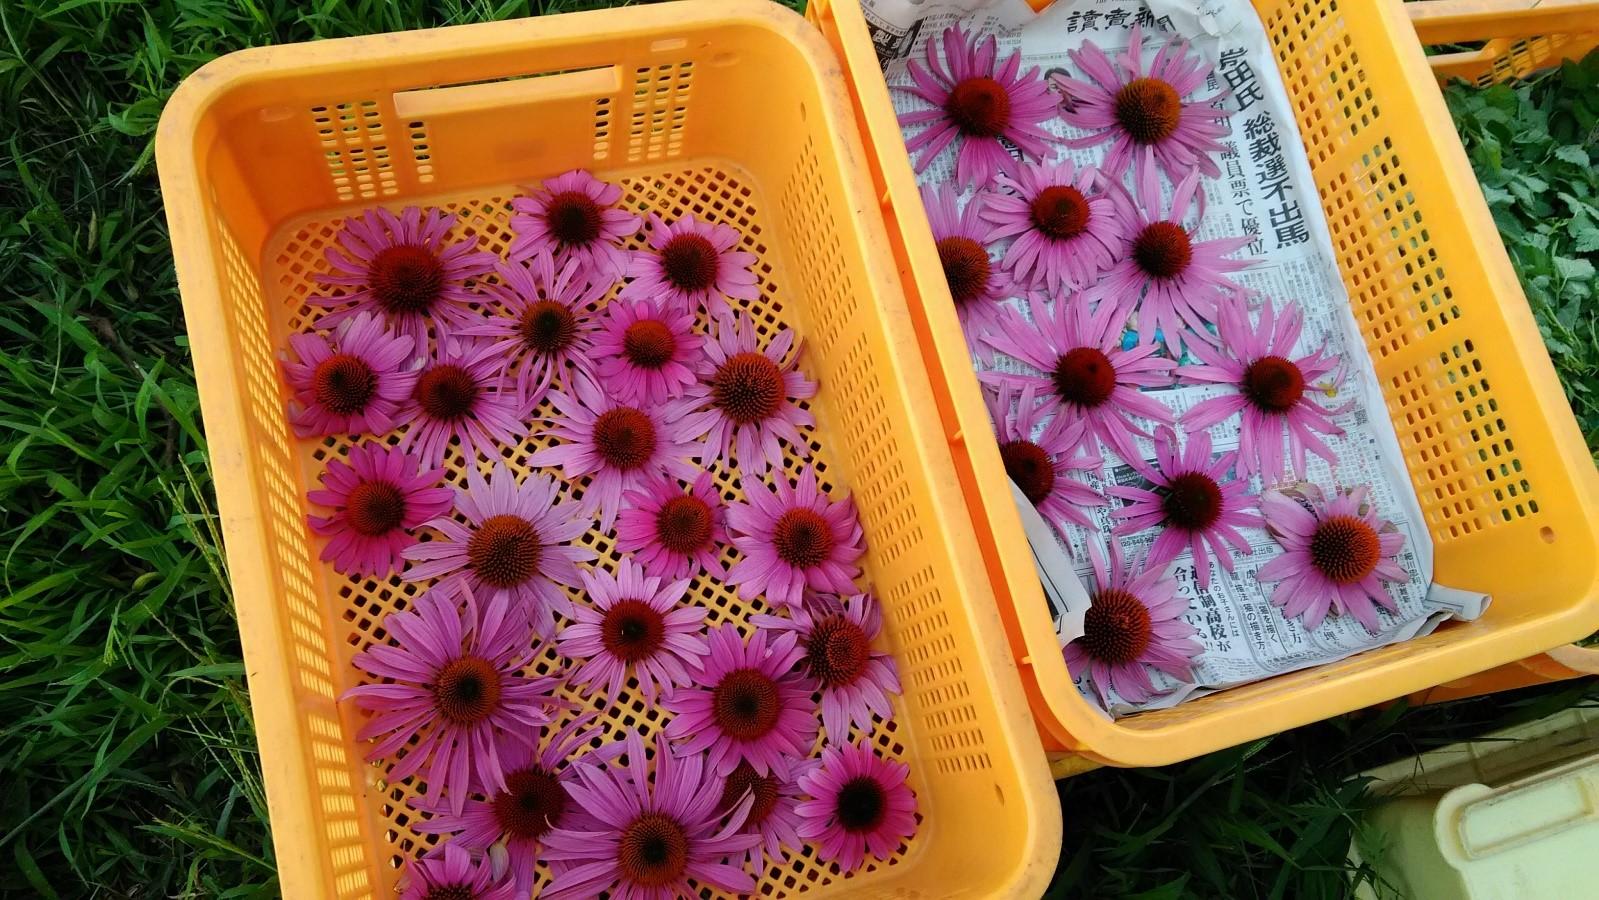 ローズゼラニウム収穫、エキナセア1年生の大輪花